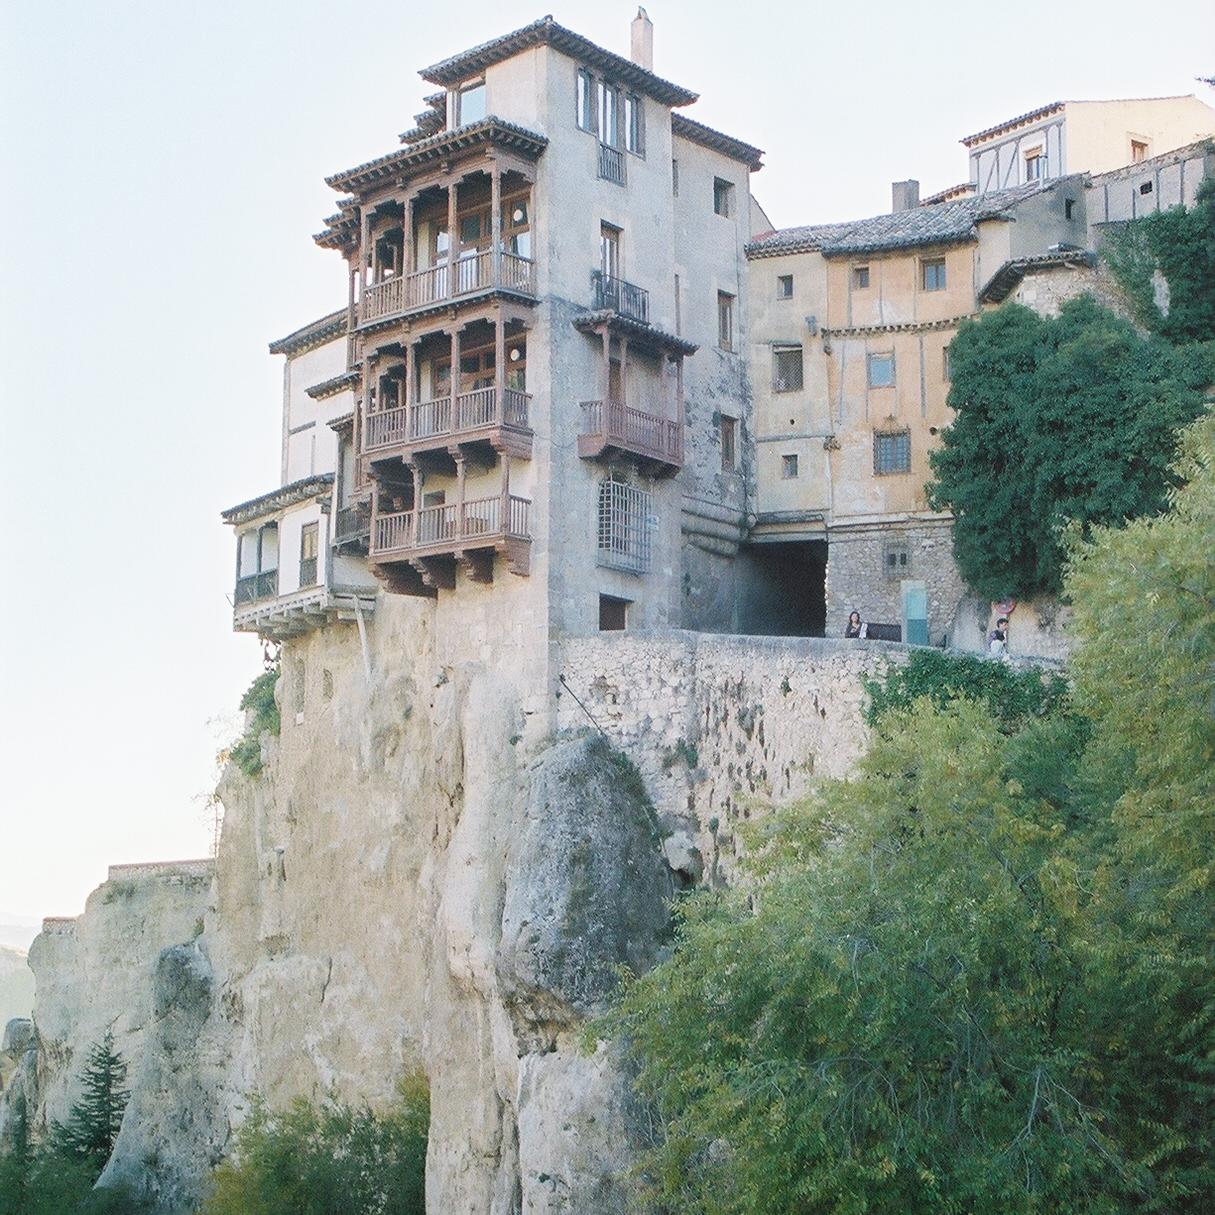 Las casas colgadas de Cuenca están justo al borde del risco. Foto: Pamy Rojas